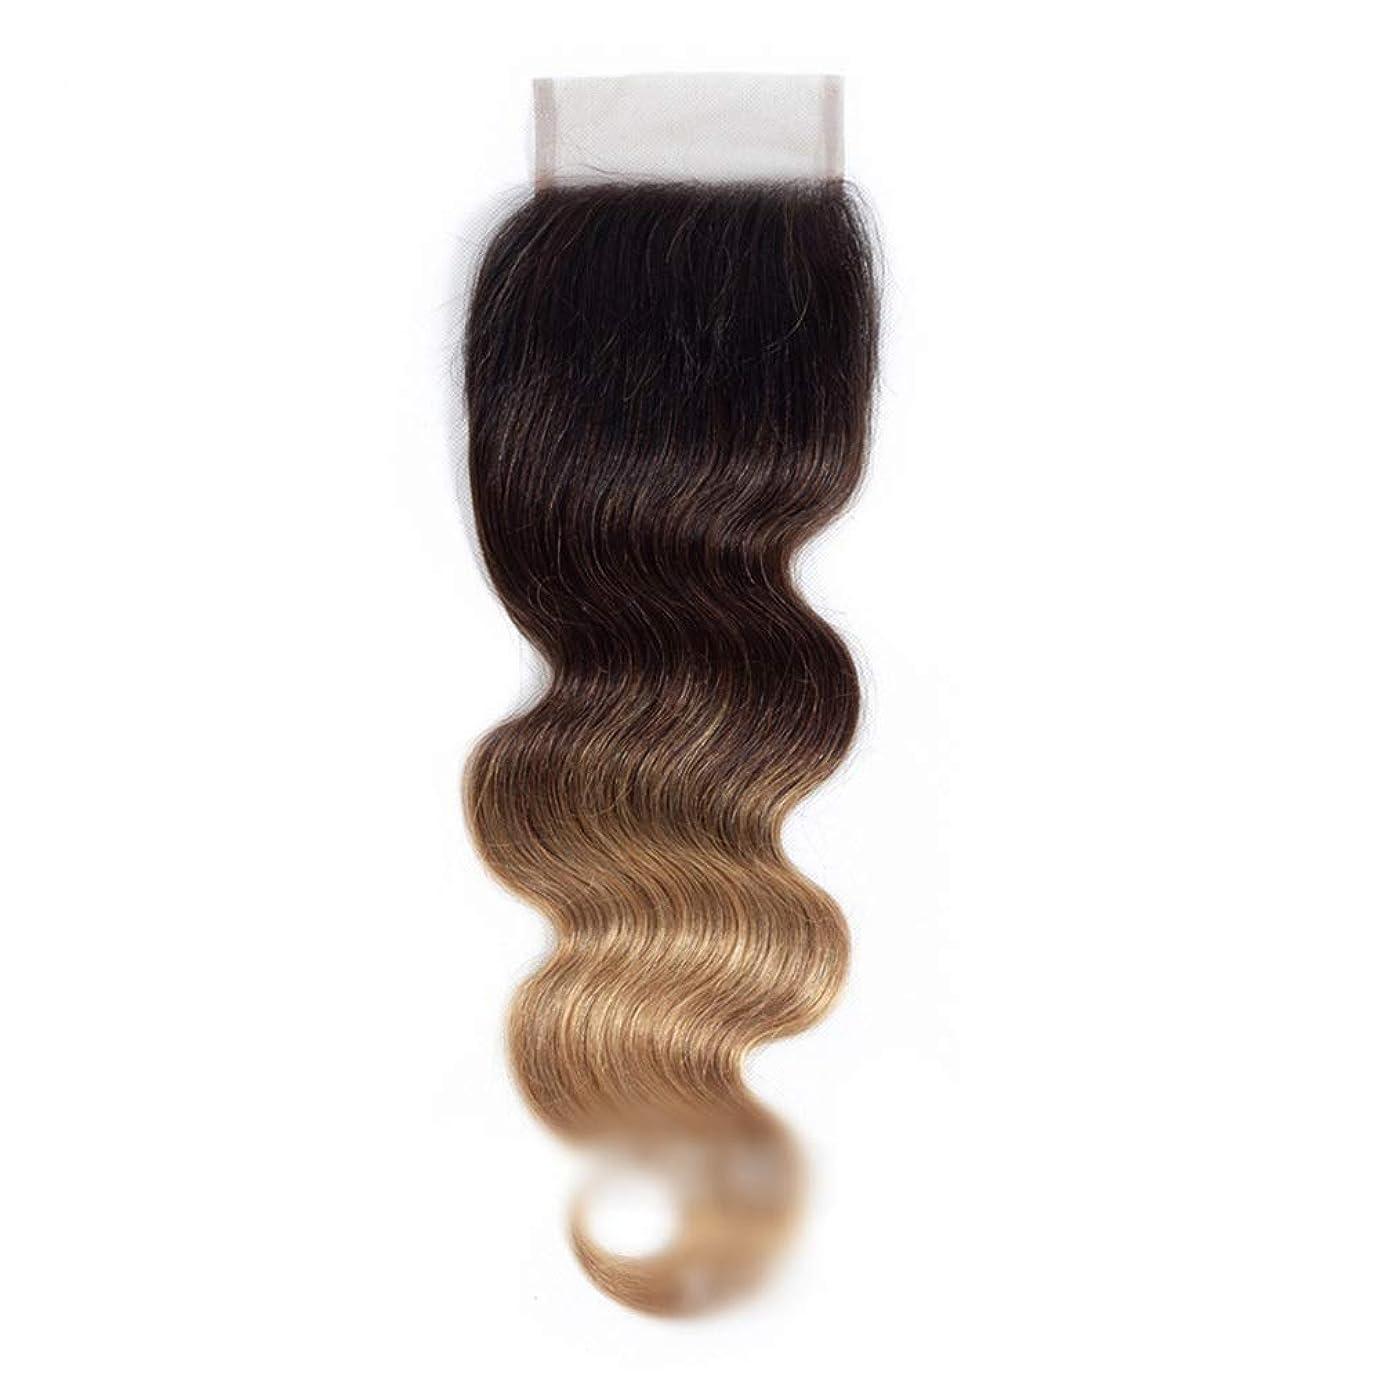 小麦粉火曜日北東YESONEEP ブラジルの実体波人間の髪の毛の耳に4 * 4レース前頭閉鎖1B / 4/27 3トーンカラーブラウンウィッグロングストレートウィッグ (色 : ブラウン, サイズ : 18 inch)